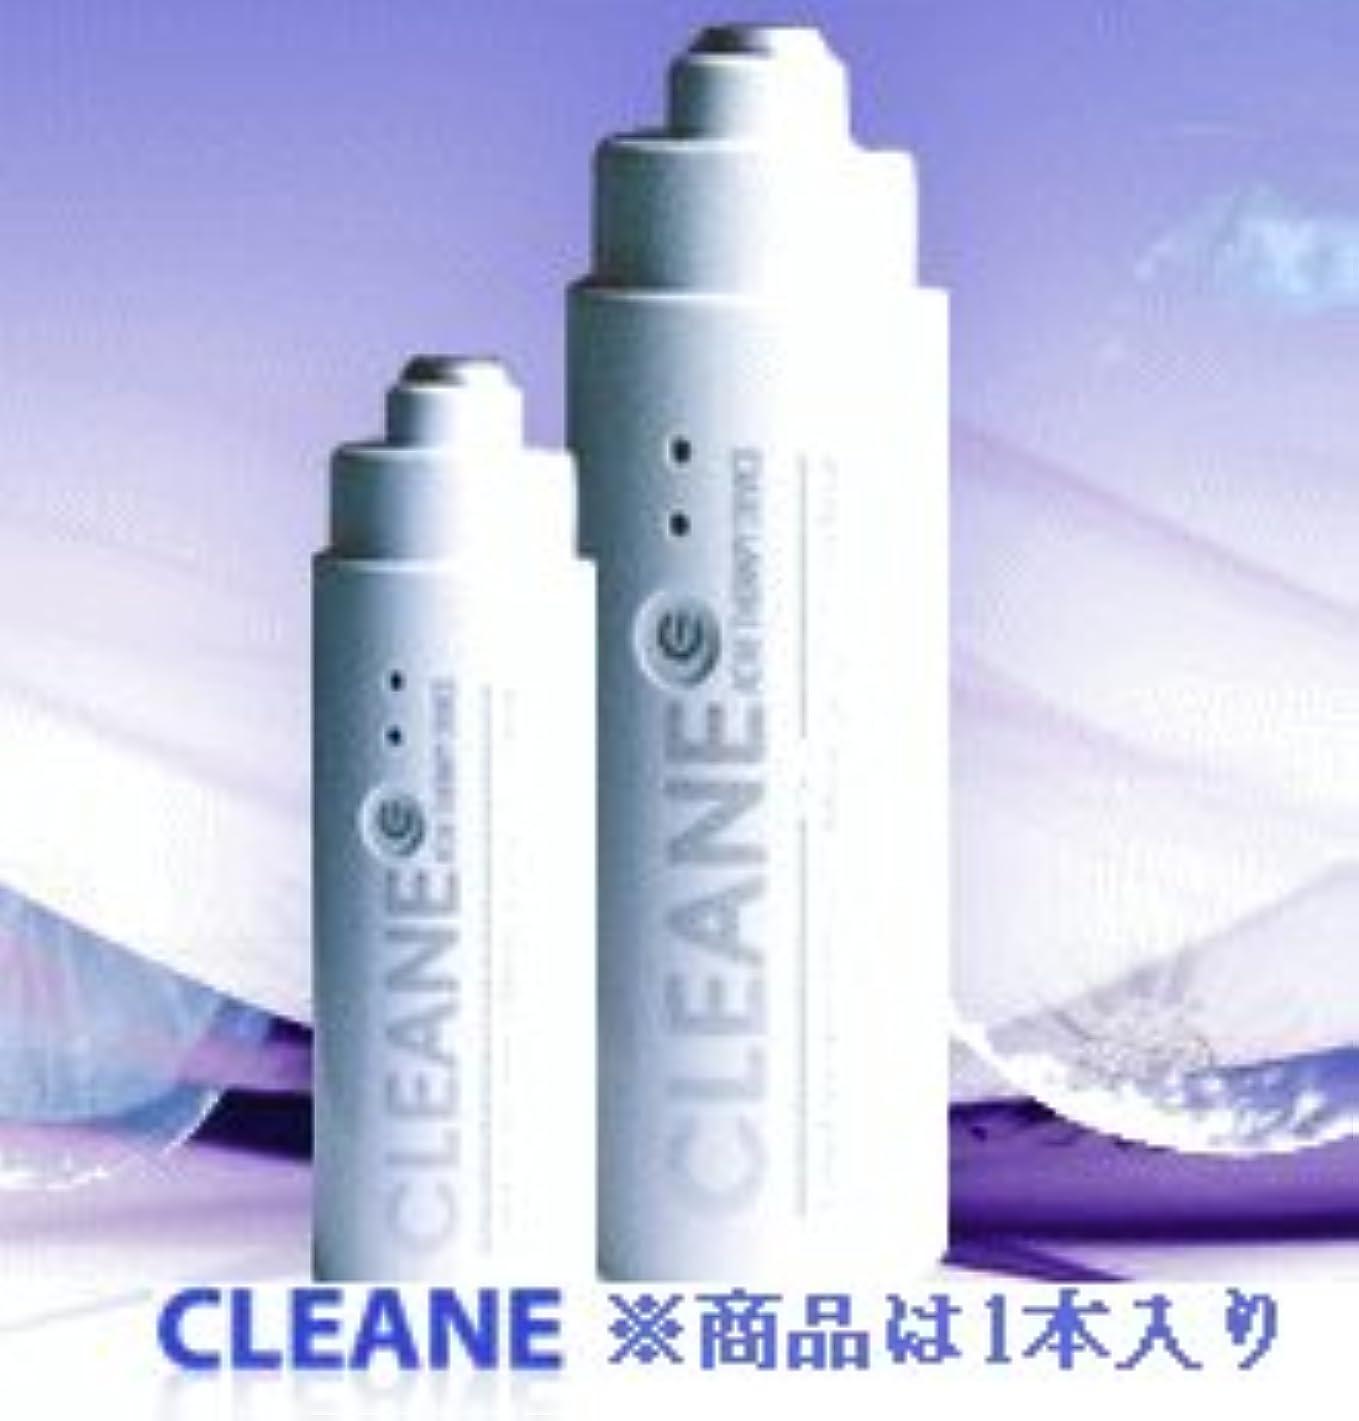 誇張抵抗力があるゆでるLEDブルーライトとサーマルスポットシステムでニキビケア クリアネ CLEANE